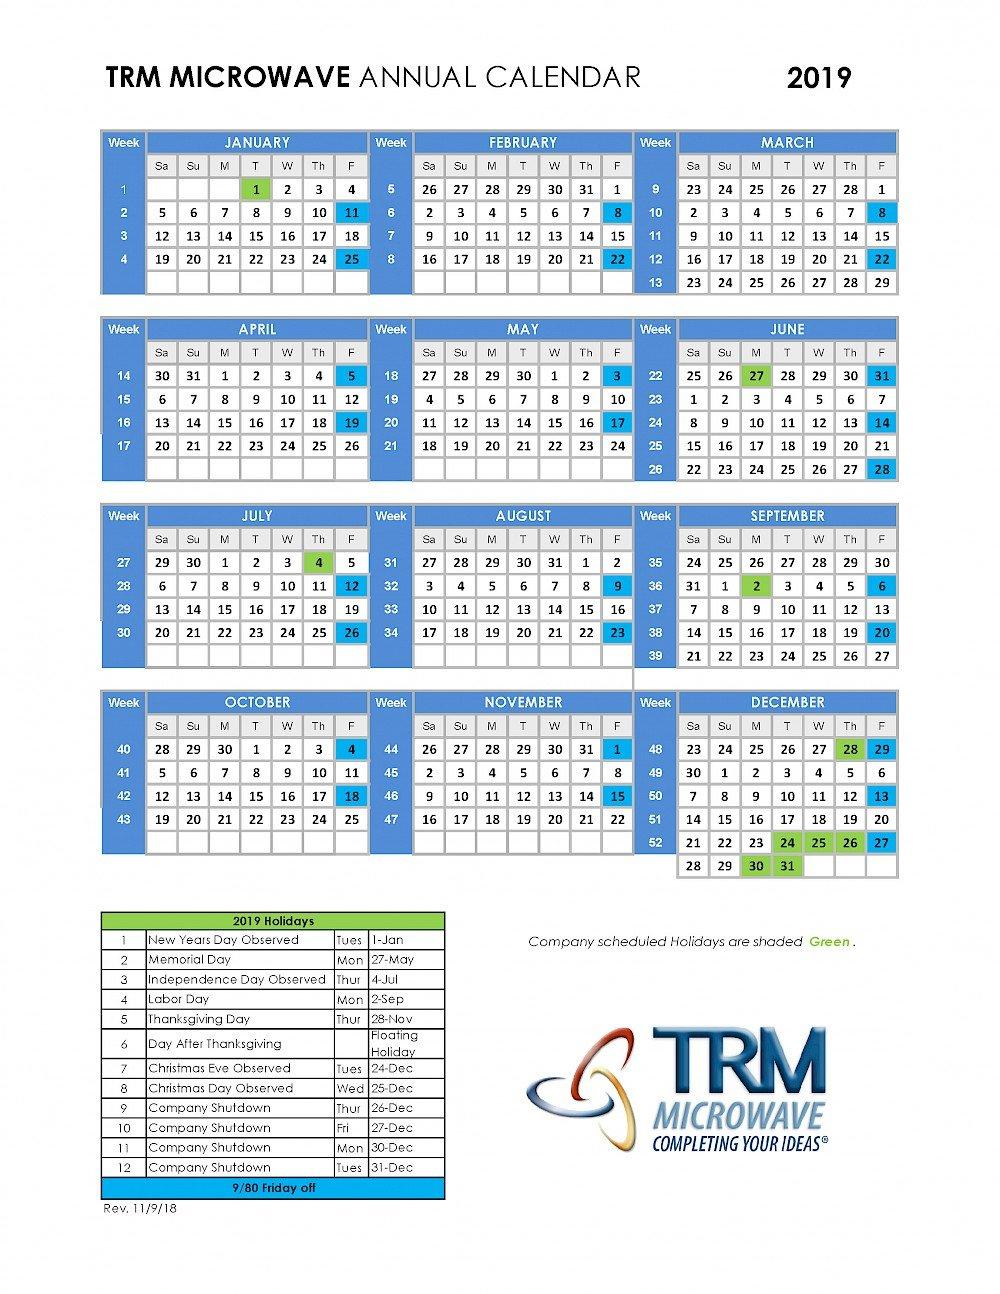 Trm 9/80 Annual Calendar 2019 - Trm Microwave Calendar 9 2019